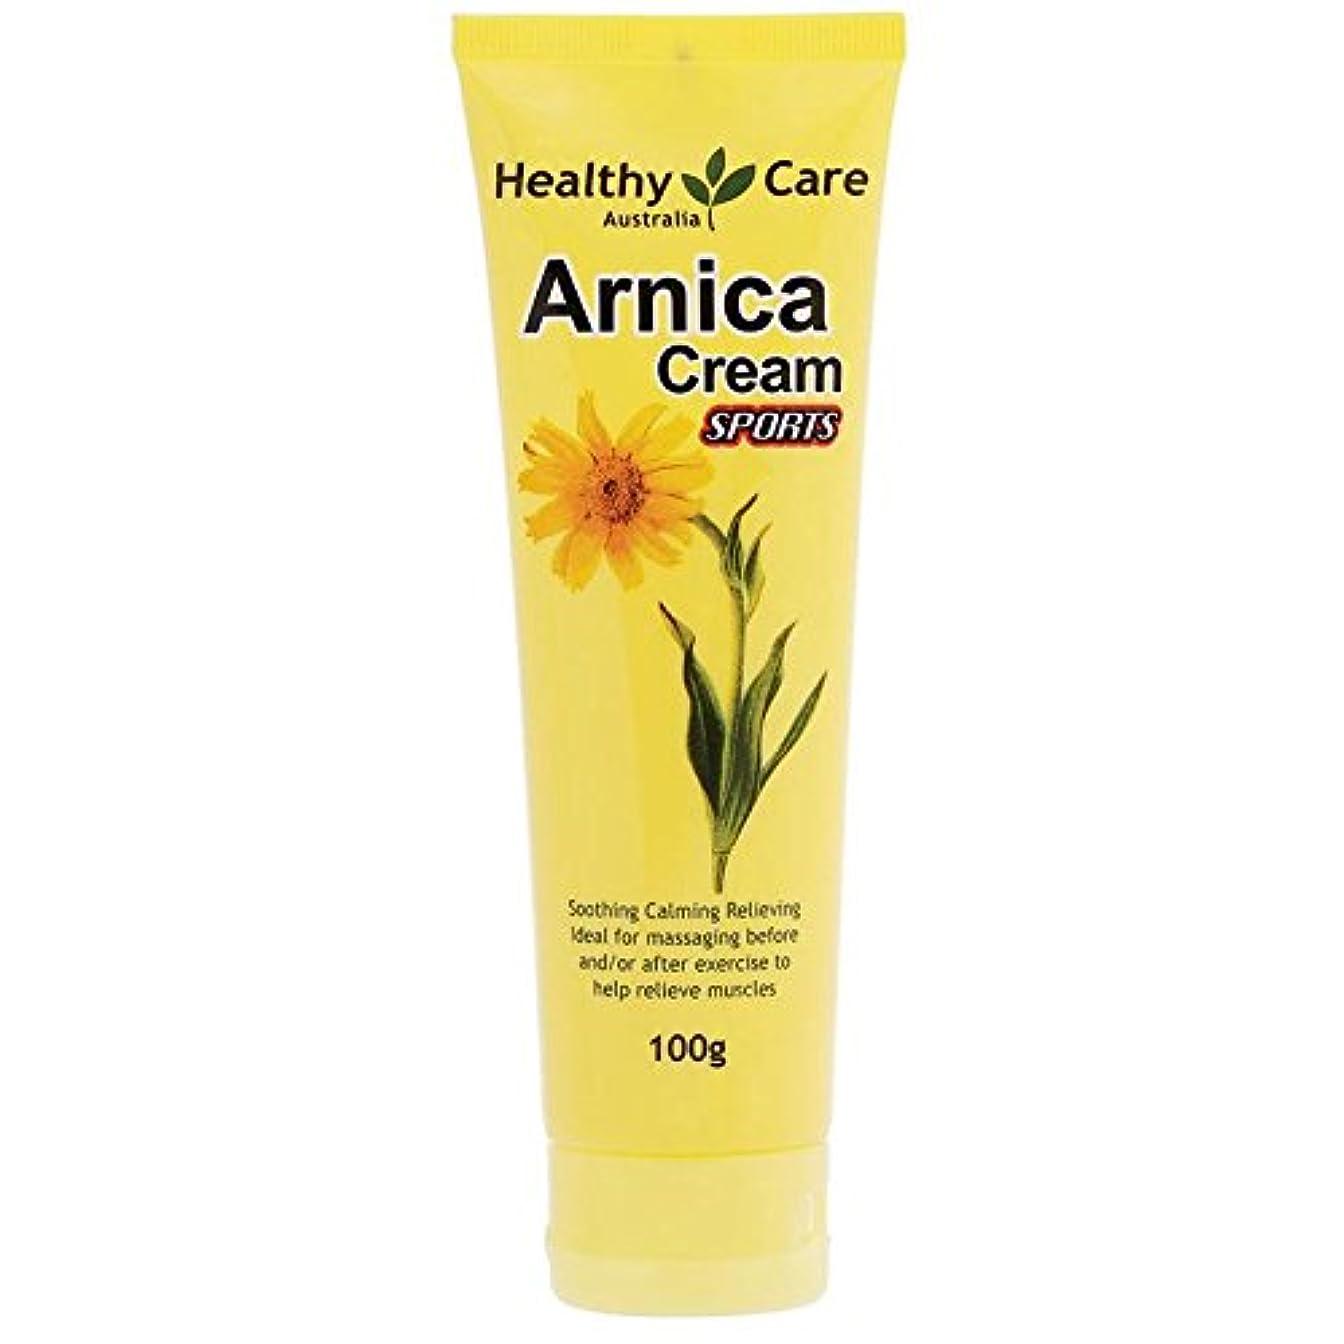 [Healthy Care] アルニカクリーム(Arnica Cream) 100g【海外直送品】